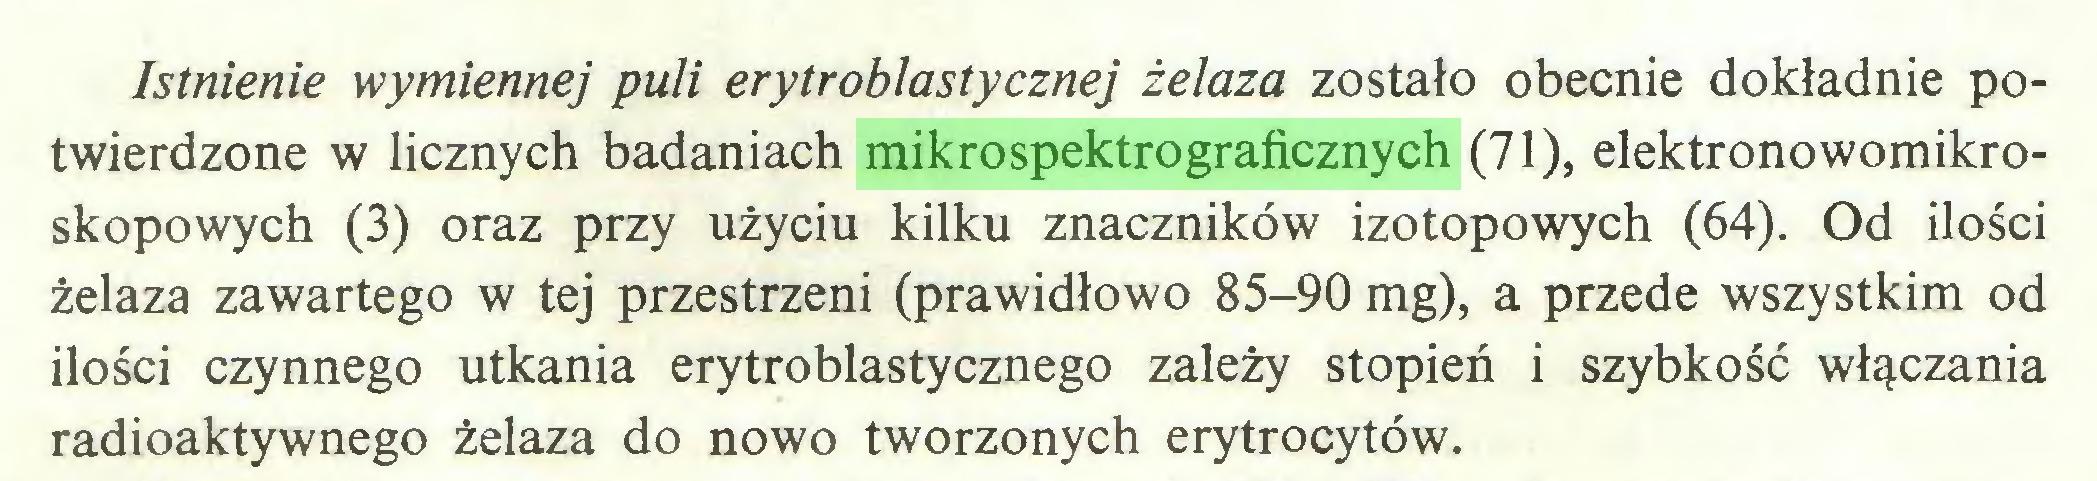 (...) Istnienie wymiennej puli erytroblastycznej żelaza zostało obecnie dokładnie potwierdzone w licznych badaniach mikrospektrograficznych (71), elektronowomikroskopowych (3) oraz przy użyciu kilku znaczników izotopowych (64). Od ilości żelaza zawartego w tej przestrzeni (prawidłowo 85-90 mg), a przede wszystkim od ilości czynnego utkania erytroblastycznego zależy stopień i szybkość włączania radioaktywnego żelaza do nowo tworzonych erytrocytów...